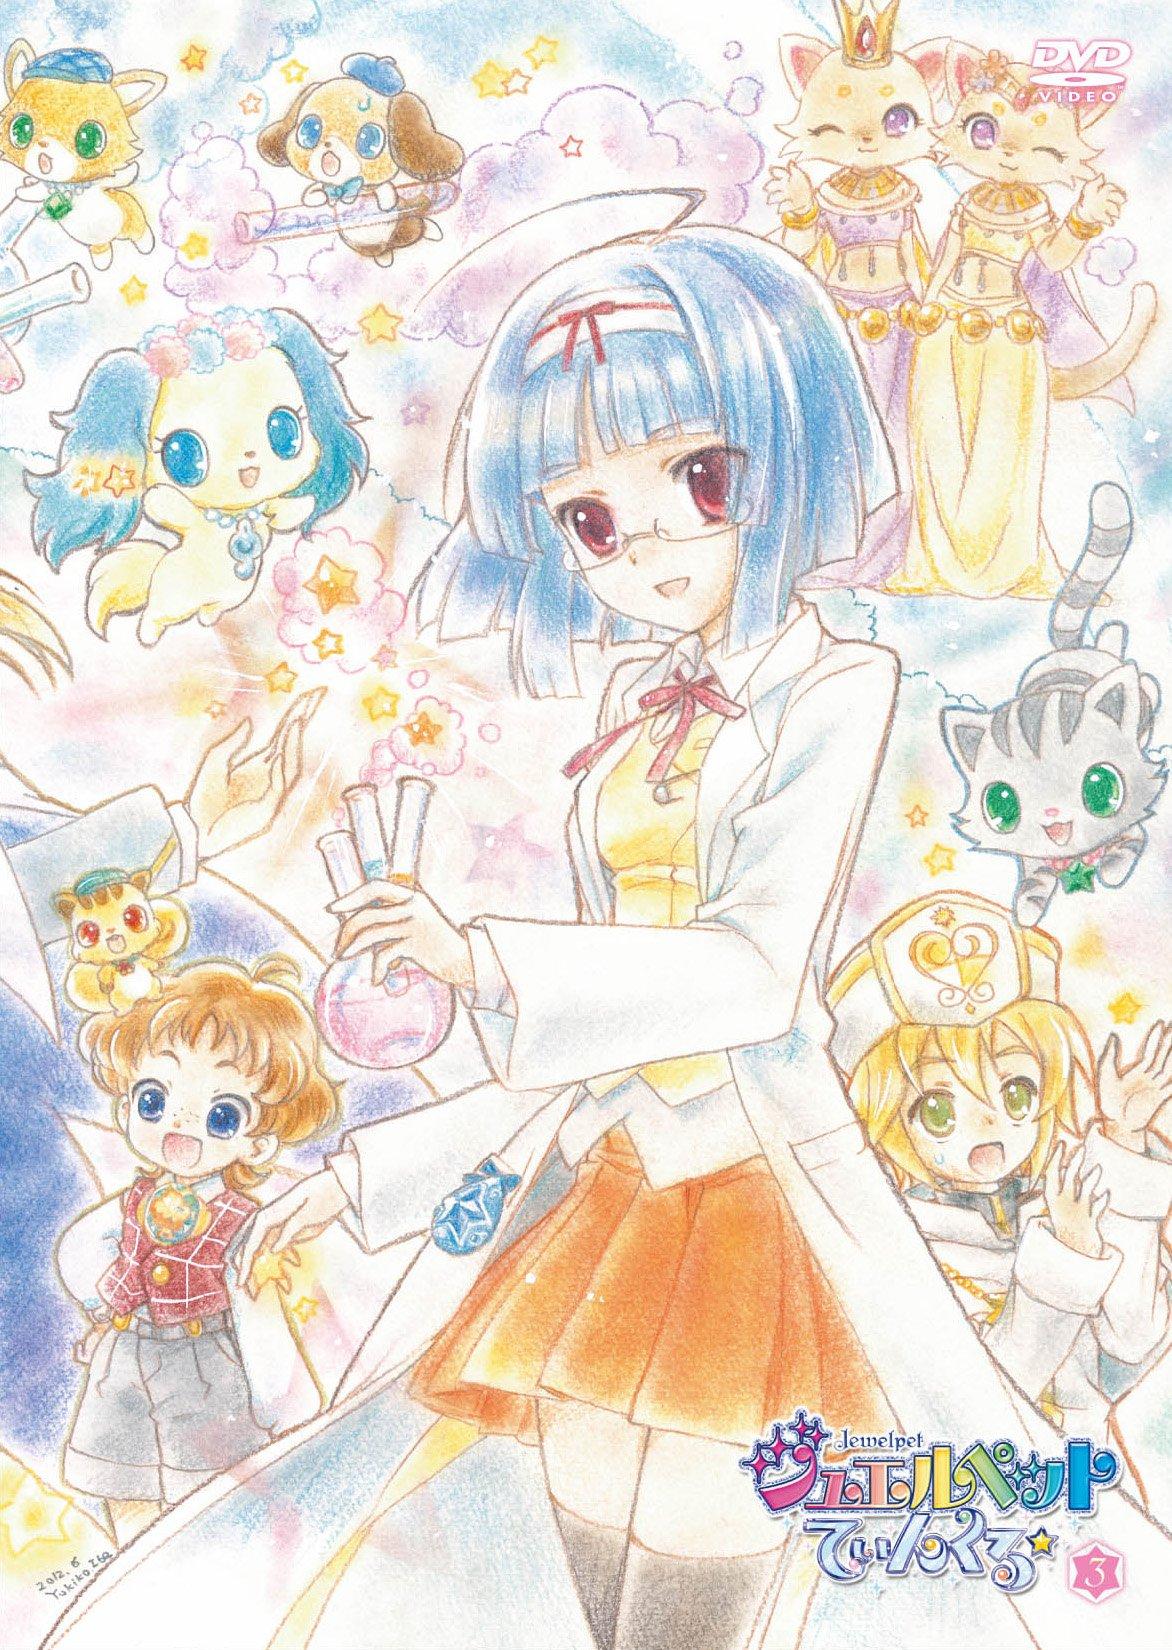 TVアニメ「ジュエルペット てぃんくる☆」DVD Disc-3